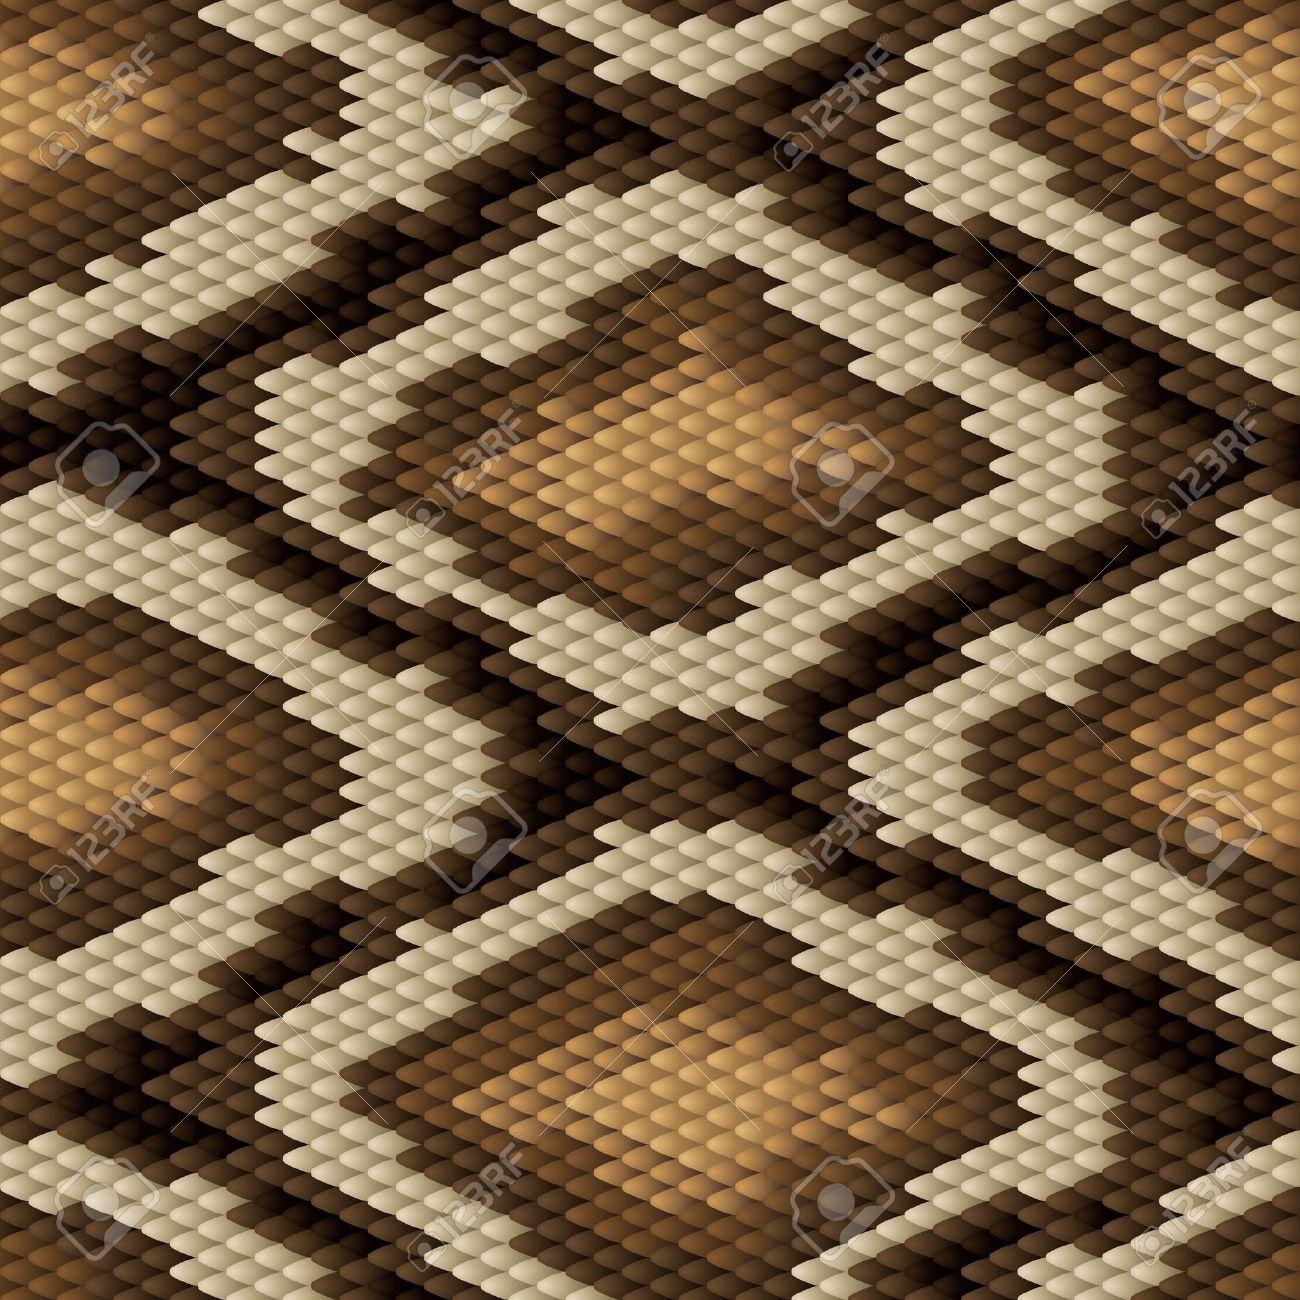 Seamless python snake skin pattern - 14829369